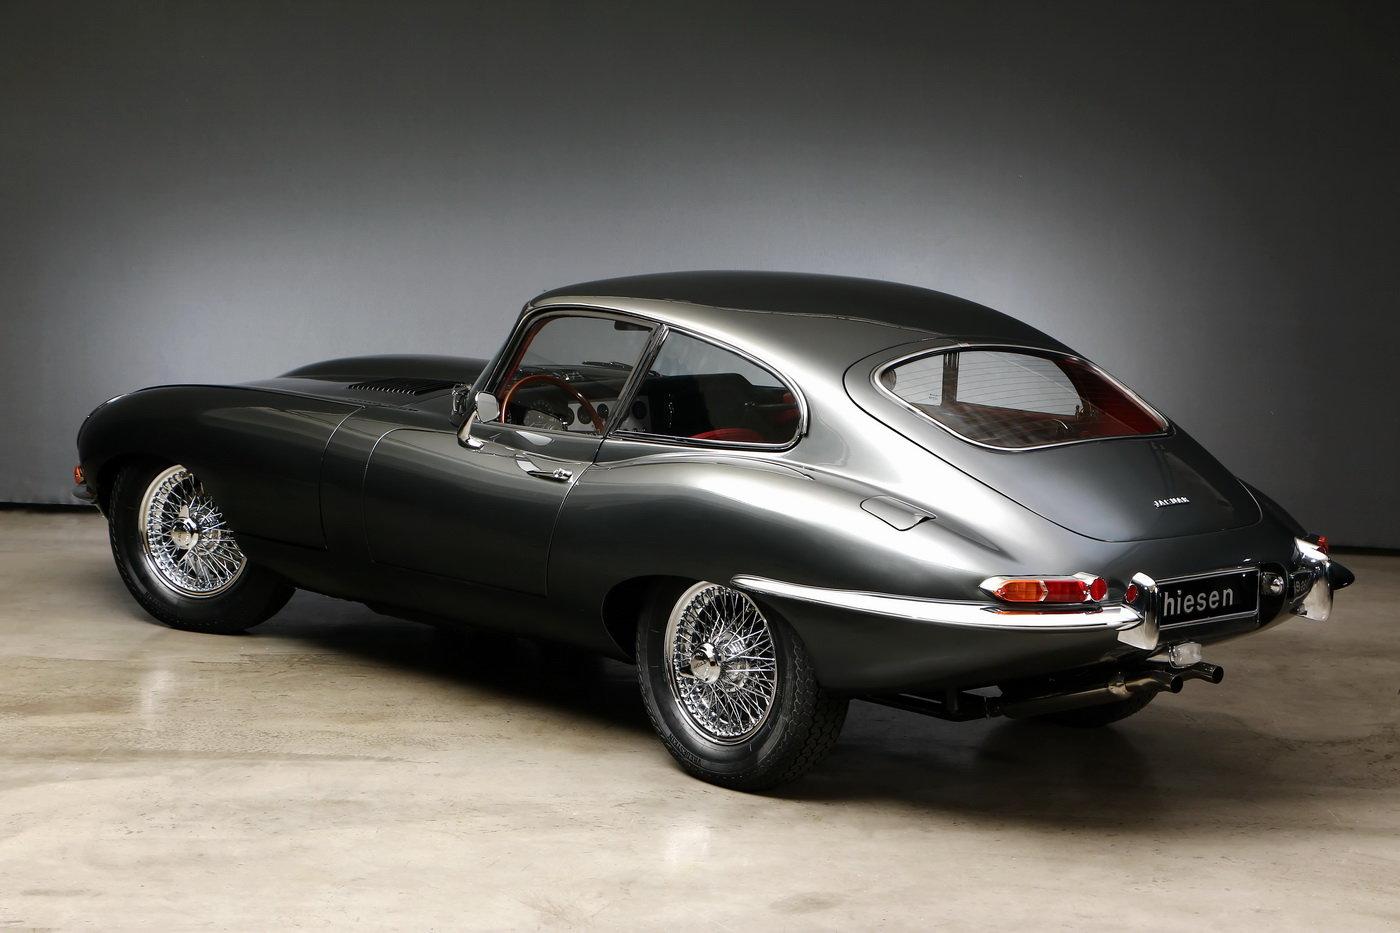 1963 Jaguar E-Type 1. series 3.8 ltr Coupé For Sale (picture 3 of 6)